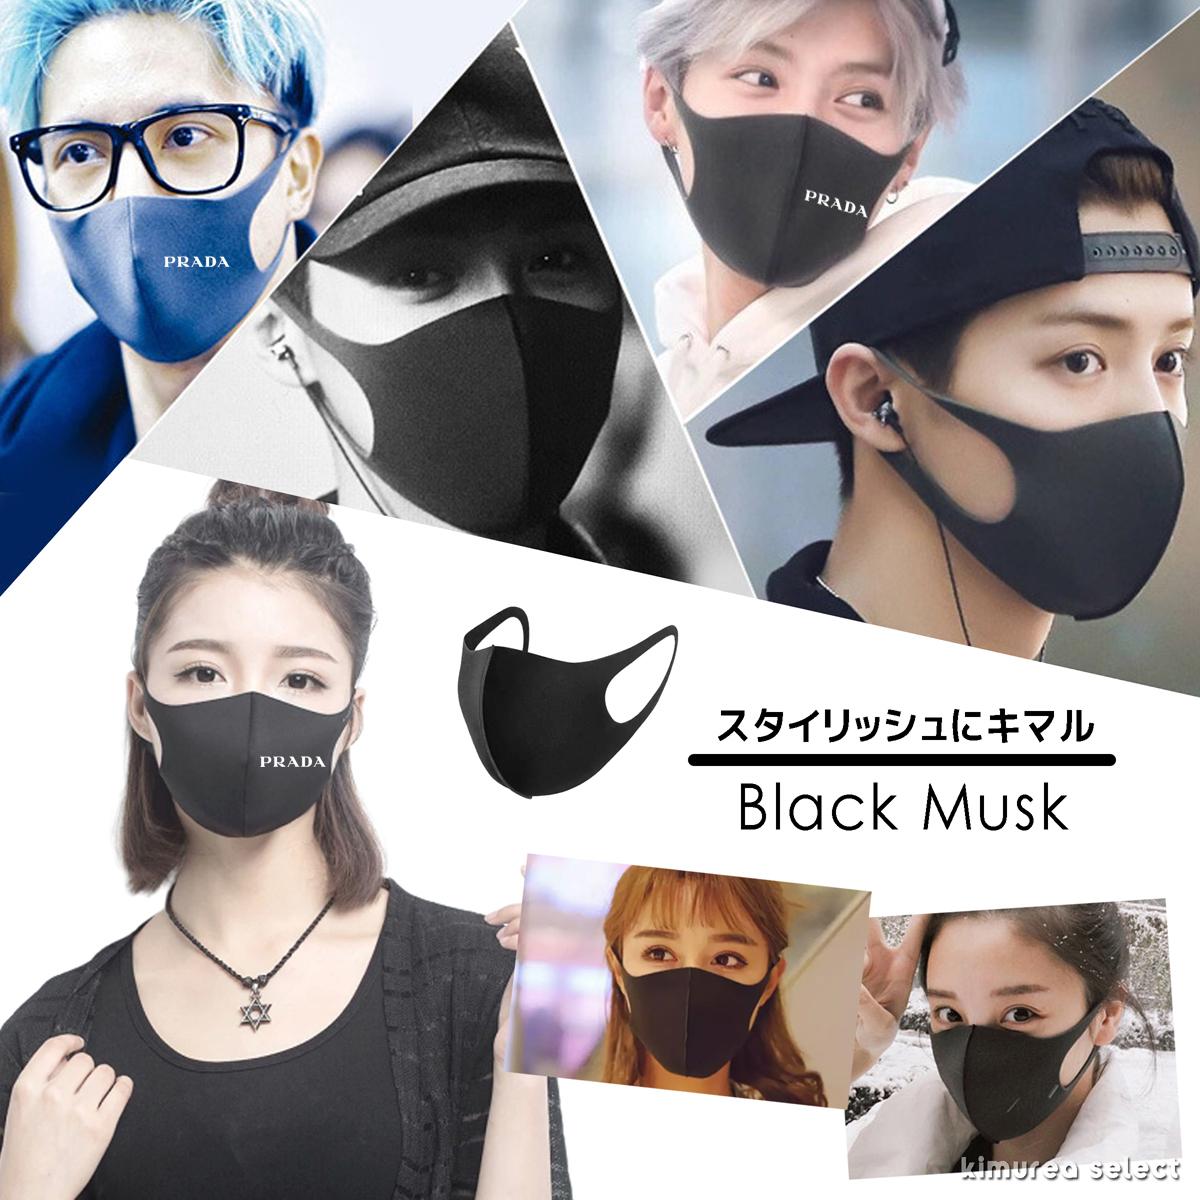 PRADA fashion brand mask covid-19